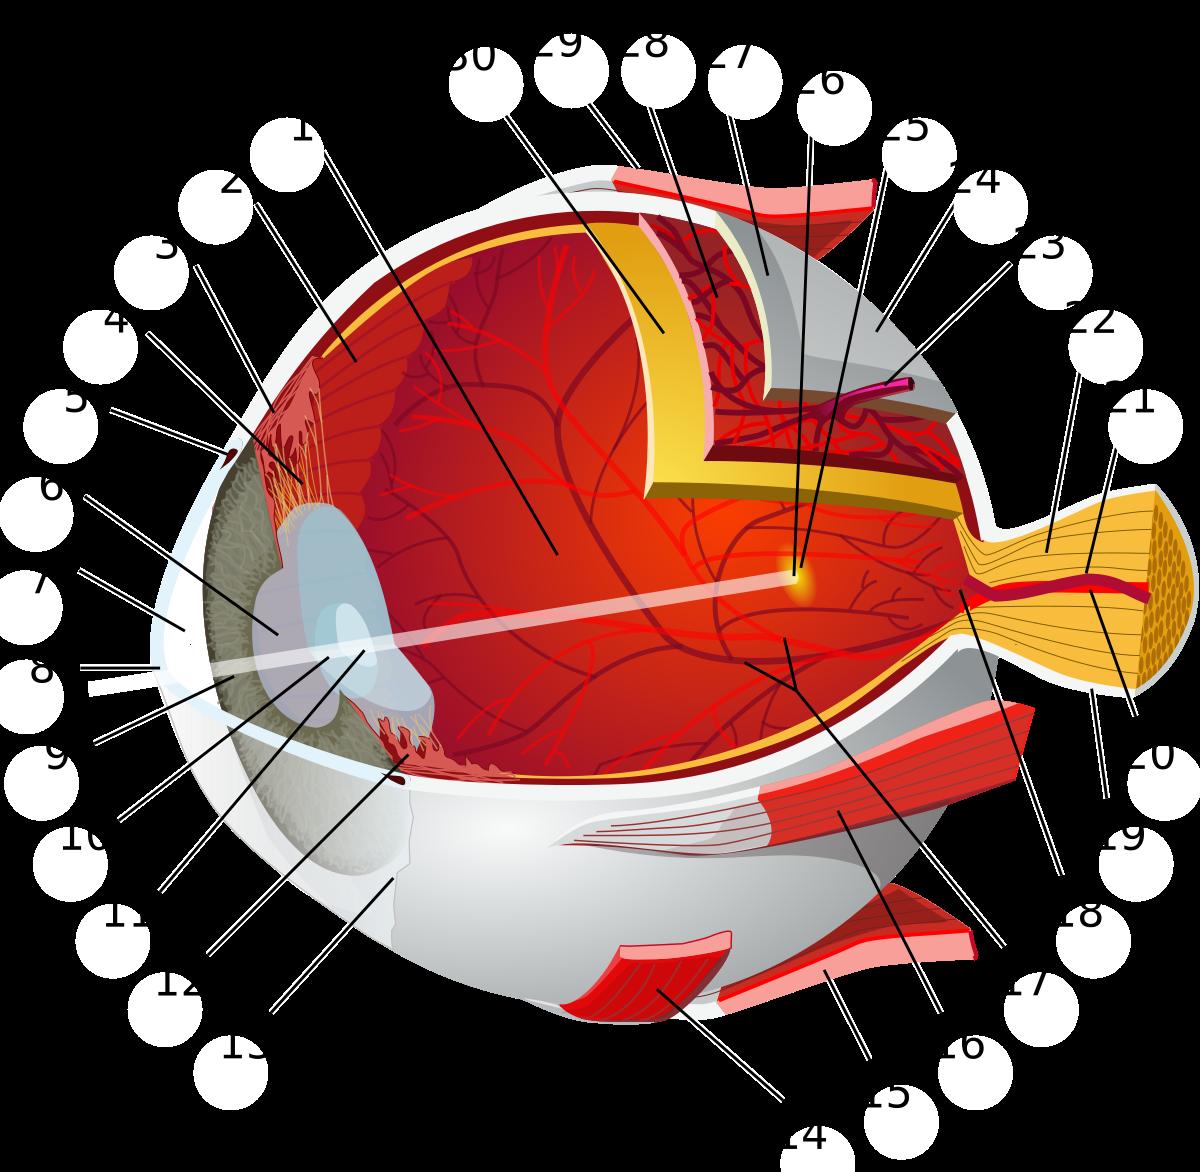 Mit jelent a cilinderes szem?